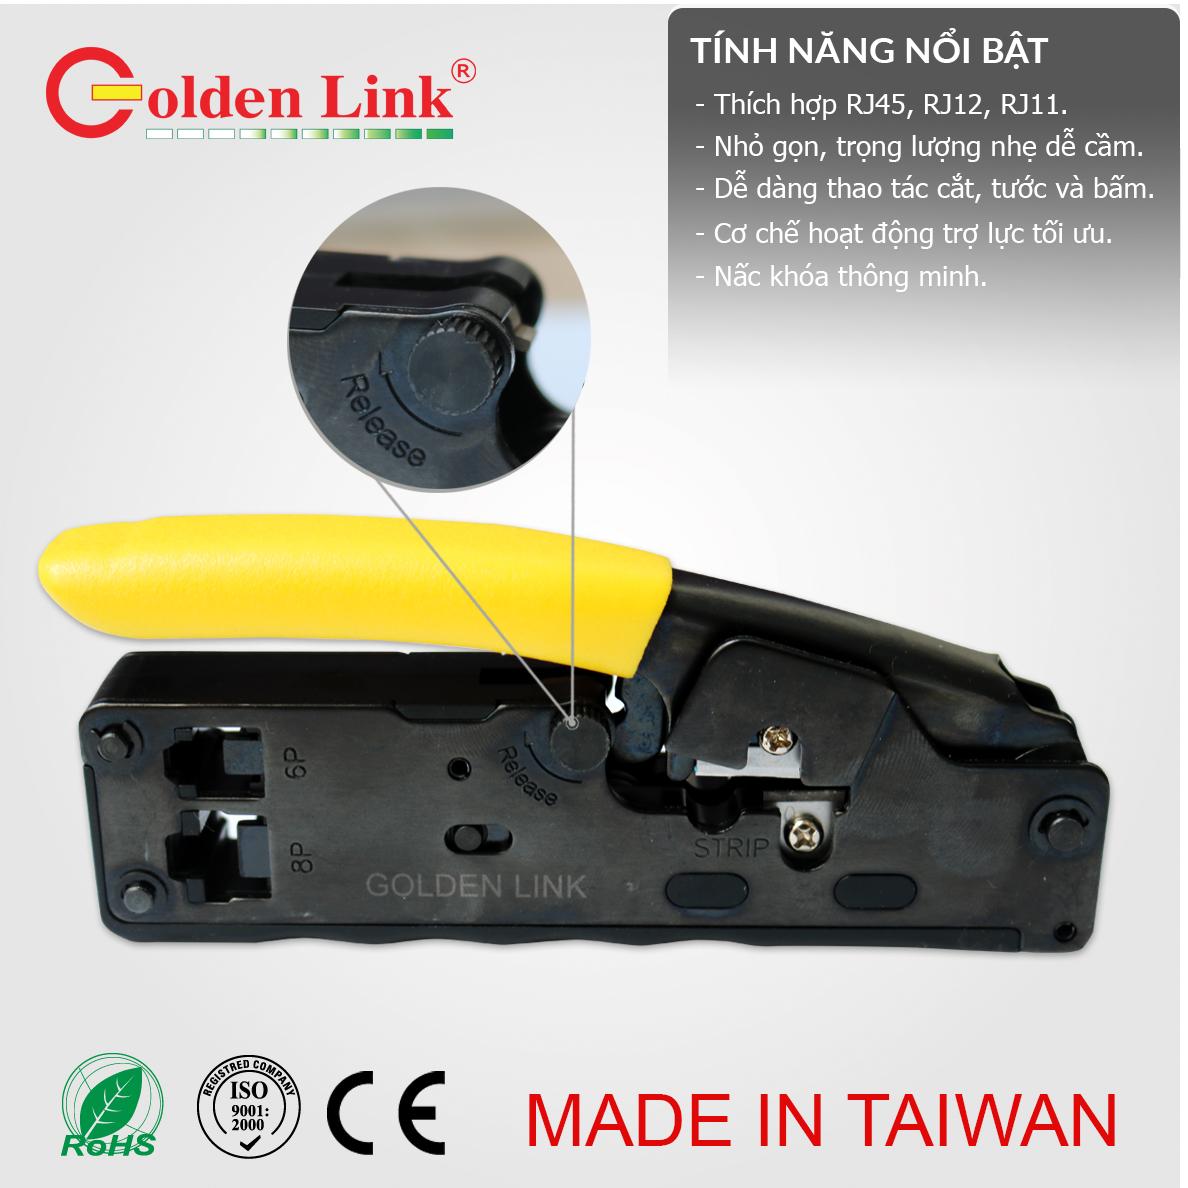 http://luaviettech.vn/san-pham/kim-bam-mang-golden-link-made-in-taiwan